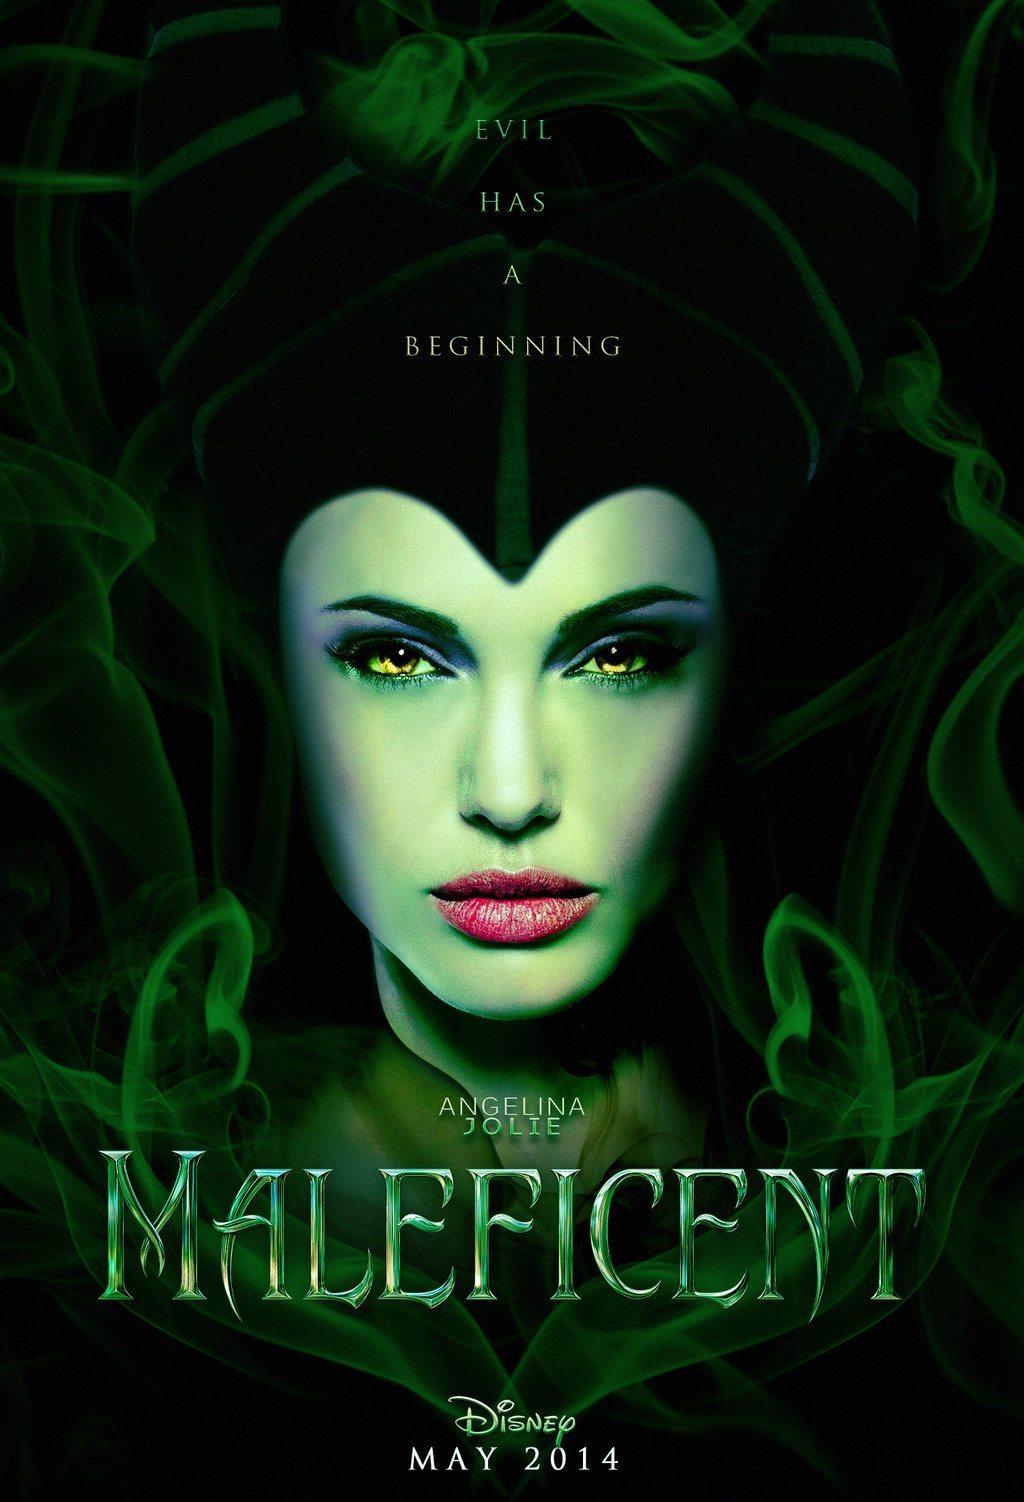 Maleficent (VoicesFILM) [1024 x 1502] (7)